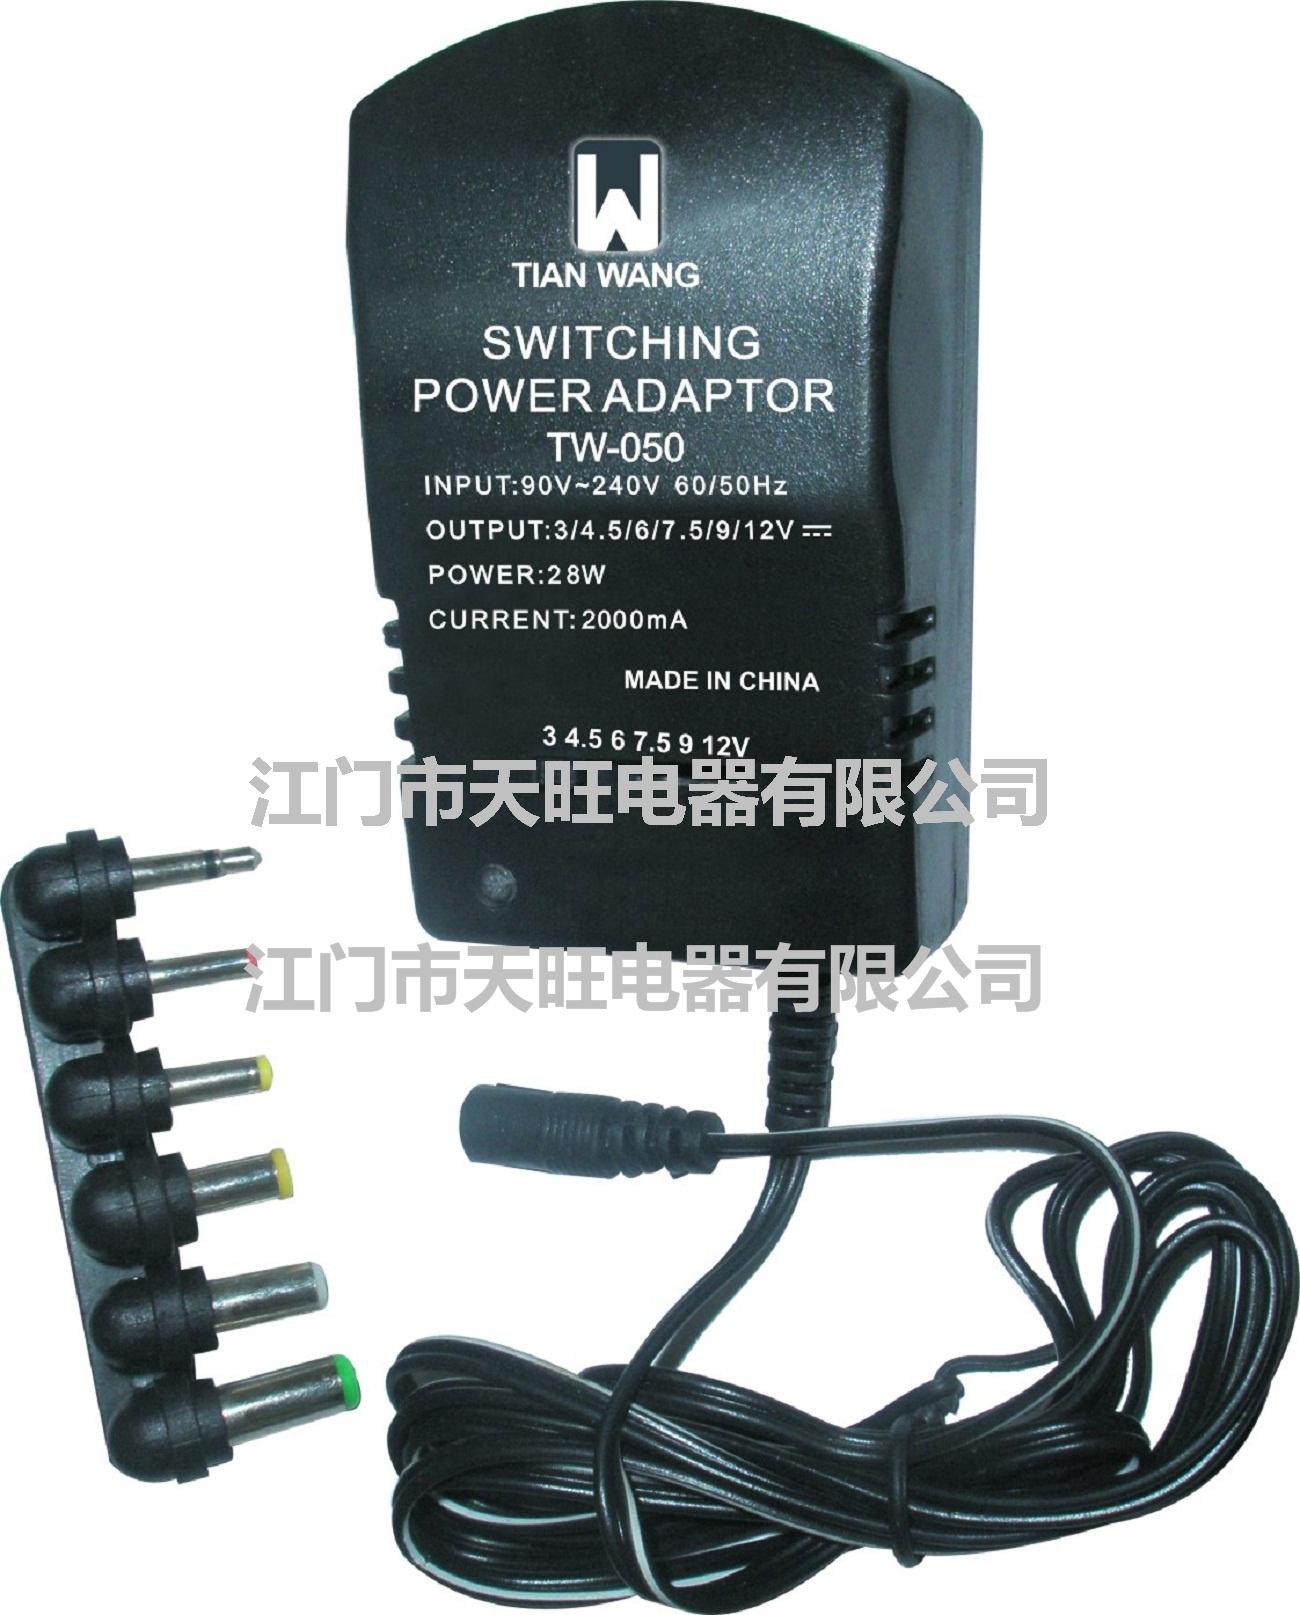 供应1200/2000MA开关电源 输入90-240V 输出3-4.5-6-7.5-9-12V